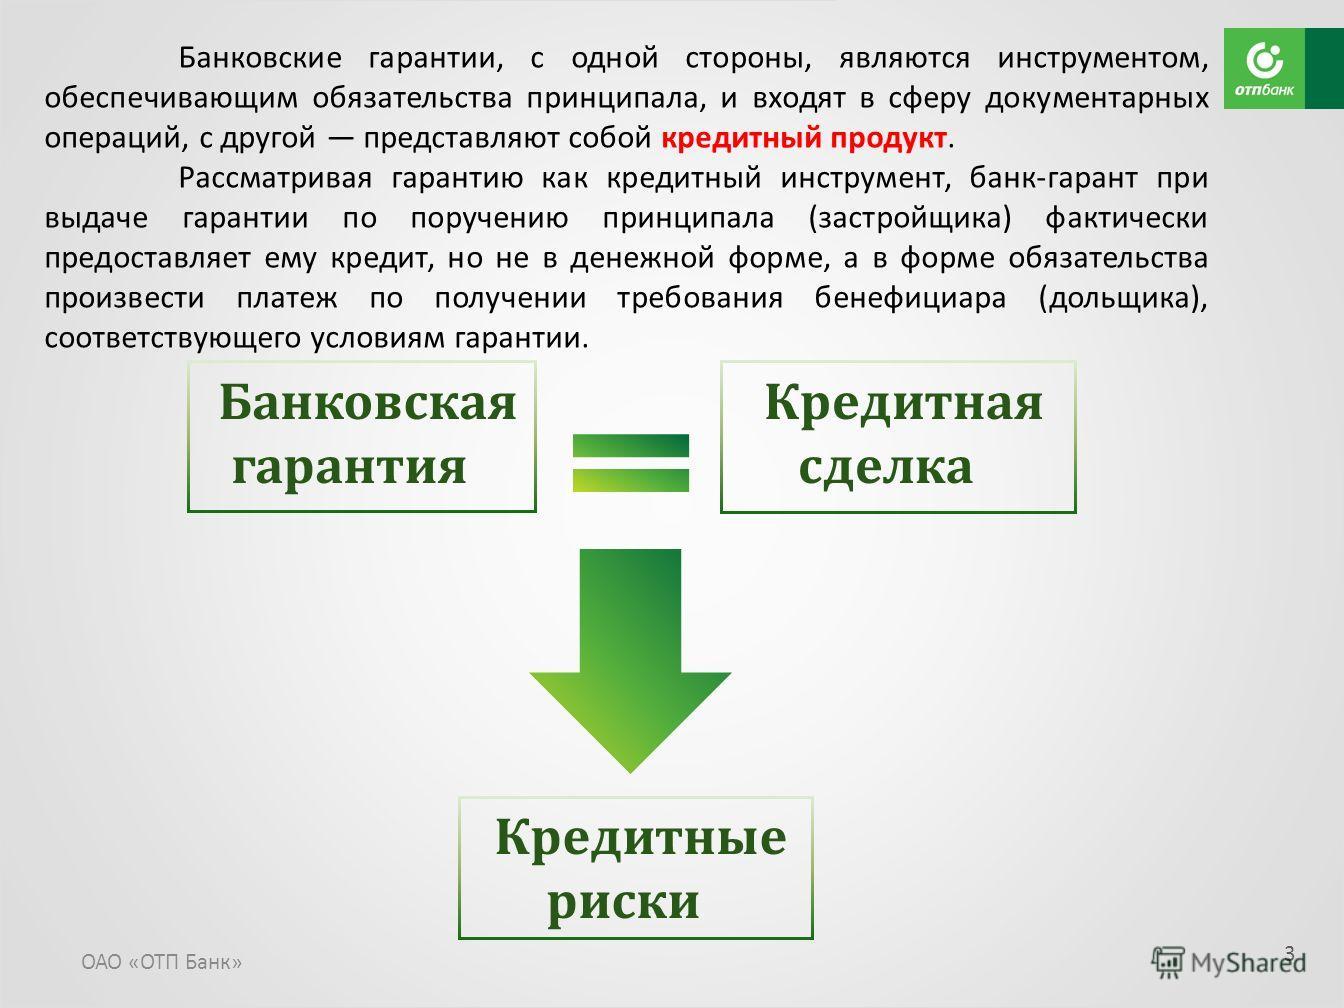 3 Банковские гарантии, с одной стороны, являются инструментом, обеспечивающим обязательства принципала, и входят в сферу документарных операций, с другой представляют собой кредитный продукт. Рассматривая гарантию как кредитный инструмент, банк-гаран